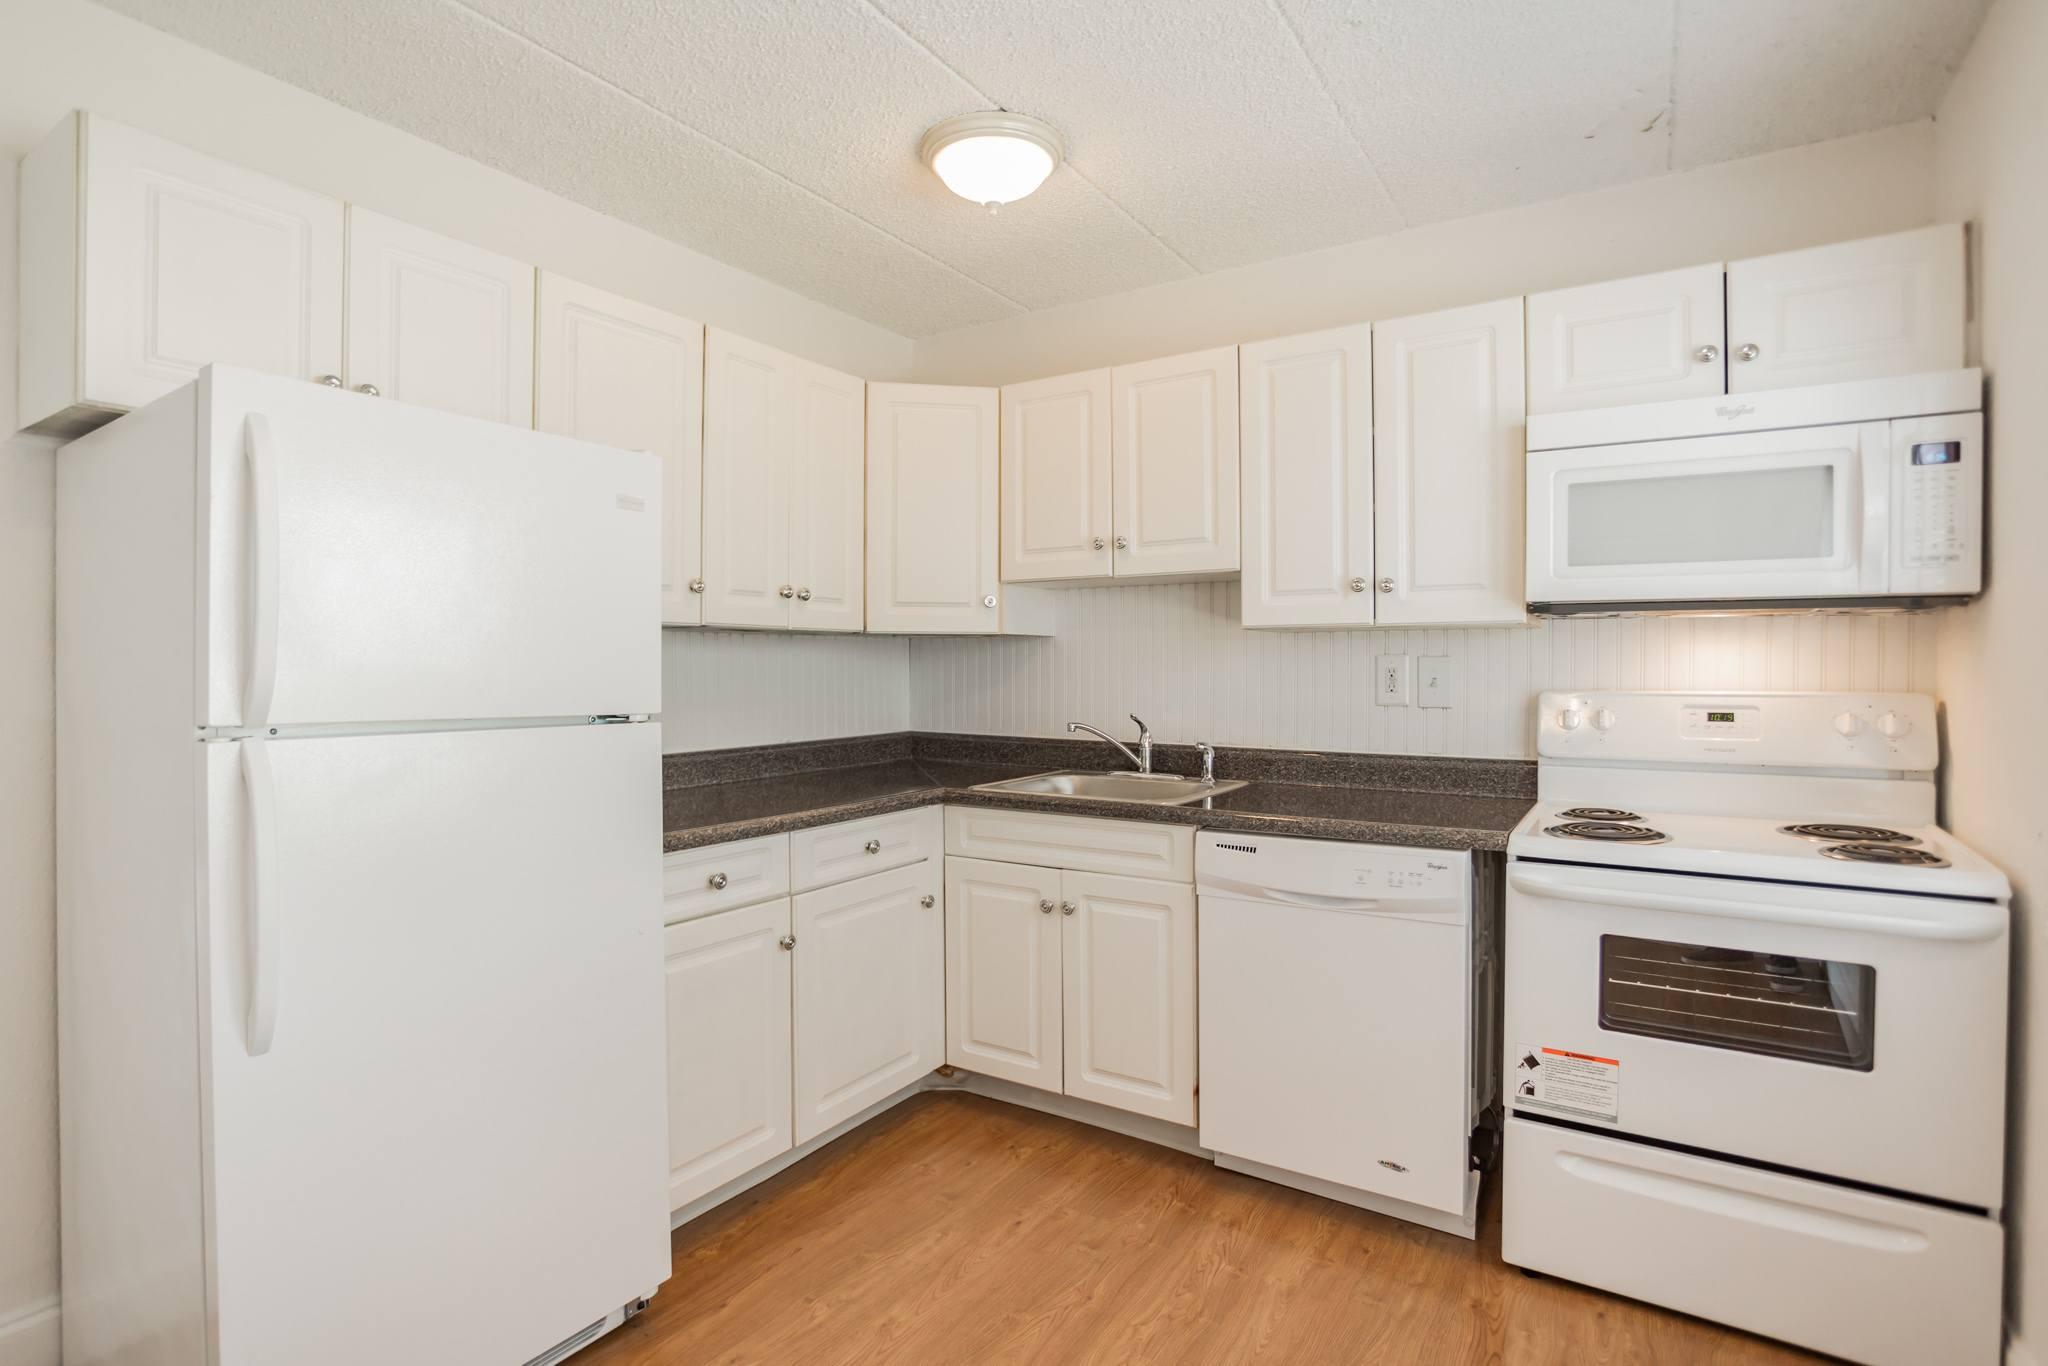 Hardwood Floor Kitchen at Westgate Village Apartments  in Malvern, PA